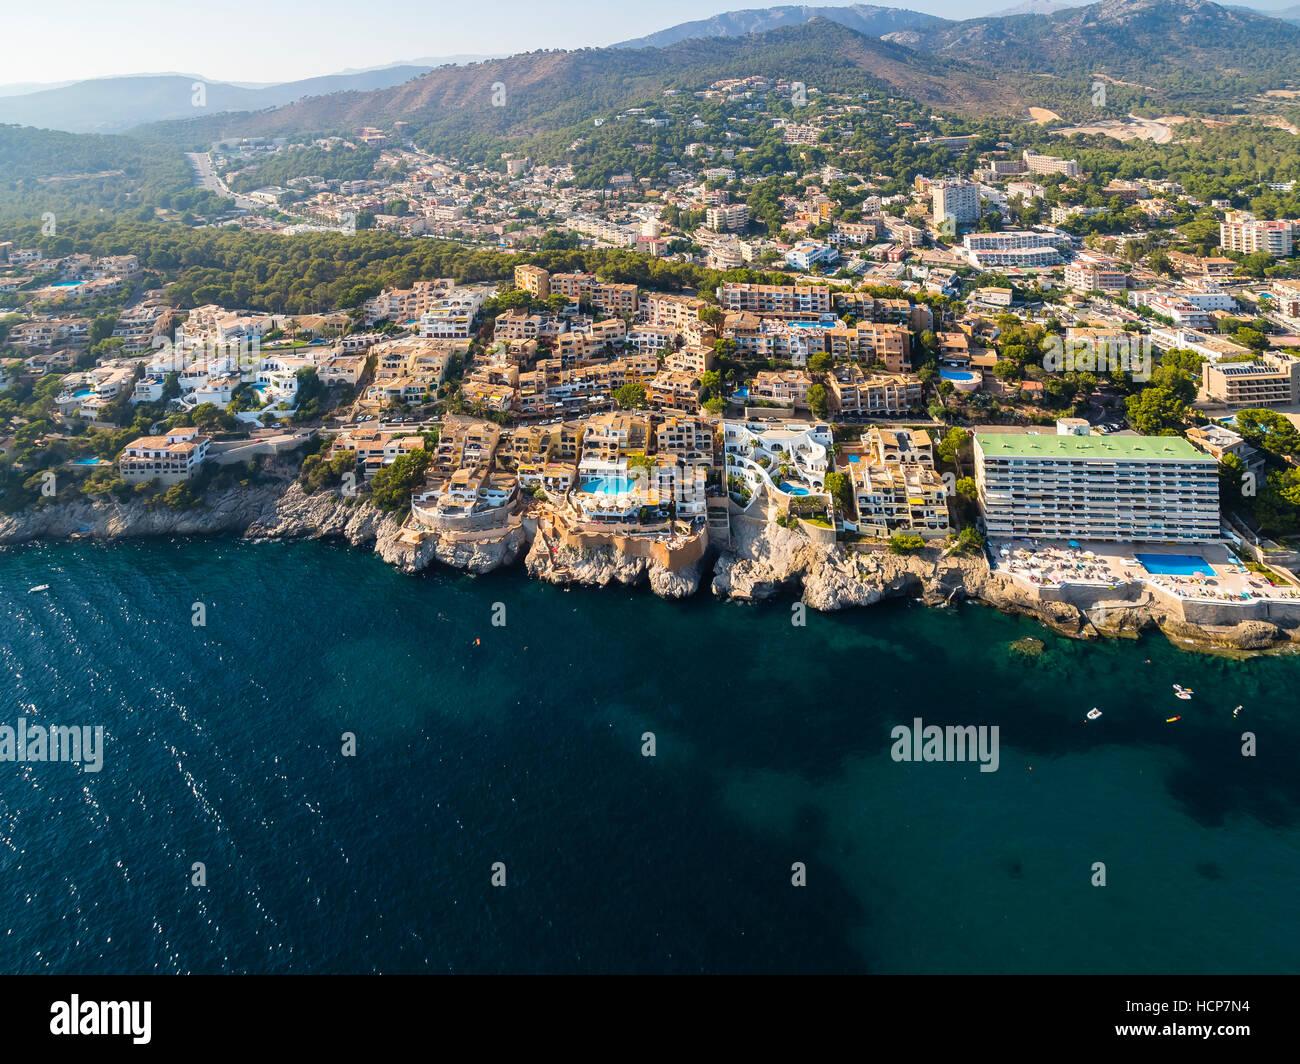 Vista aérea, Costa de la calma, Cala Fornells, Mallorca, Islas Baleares, España Imagen De Stock